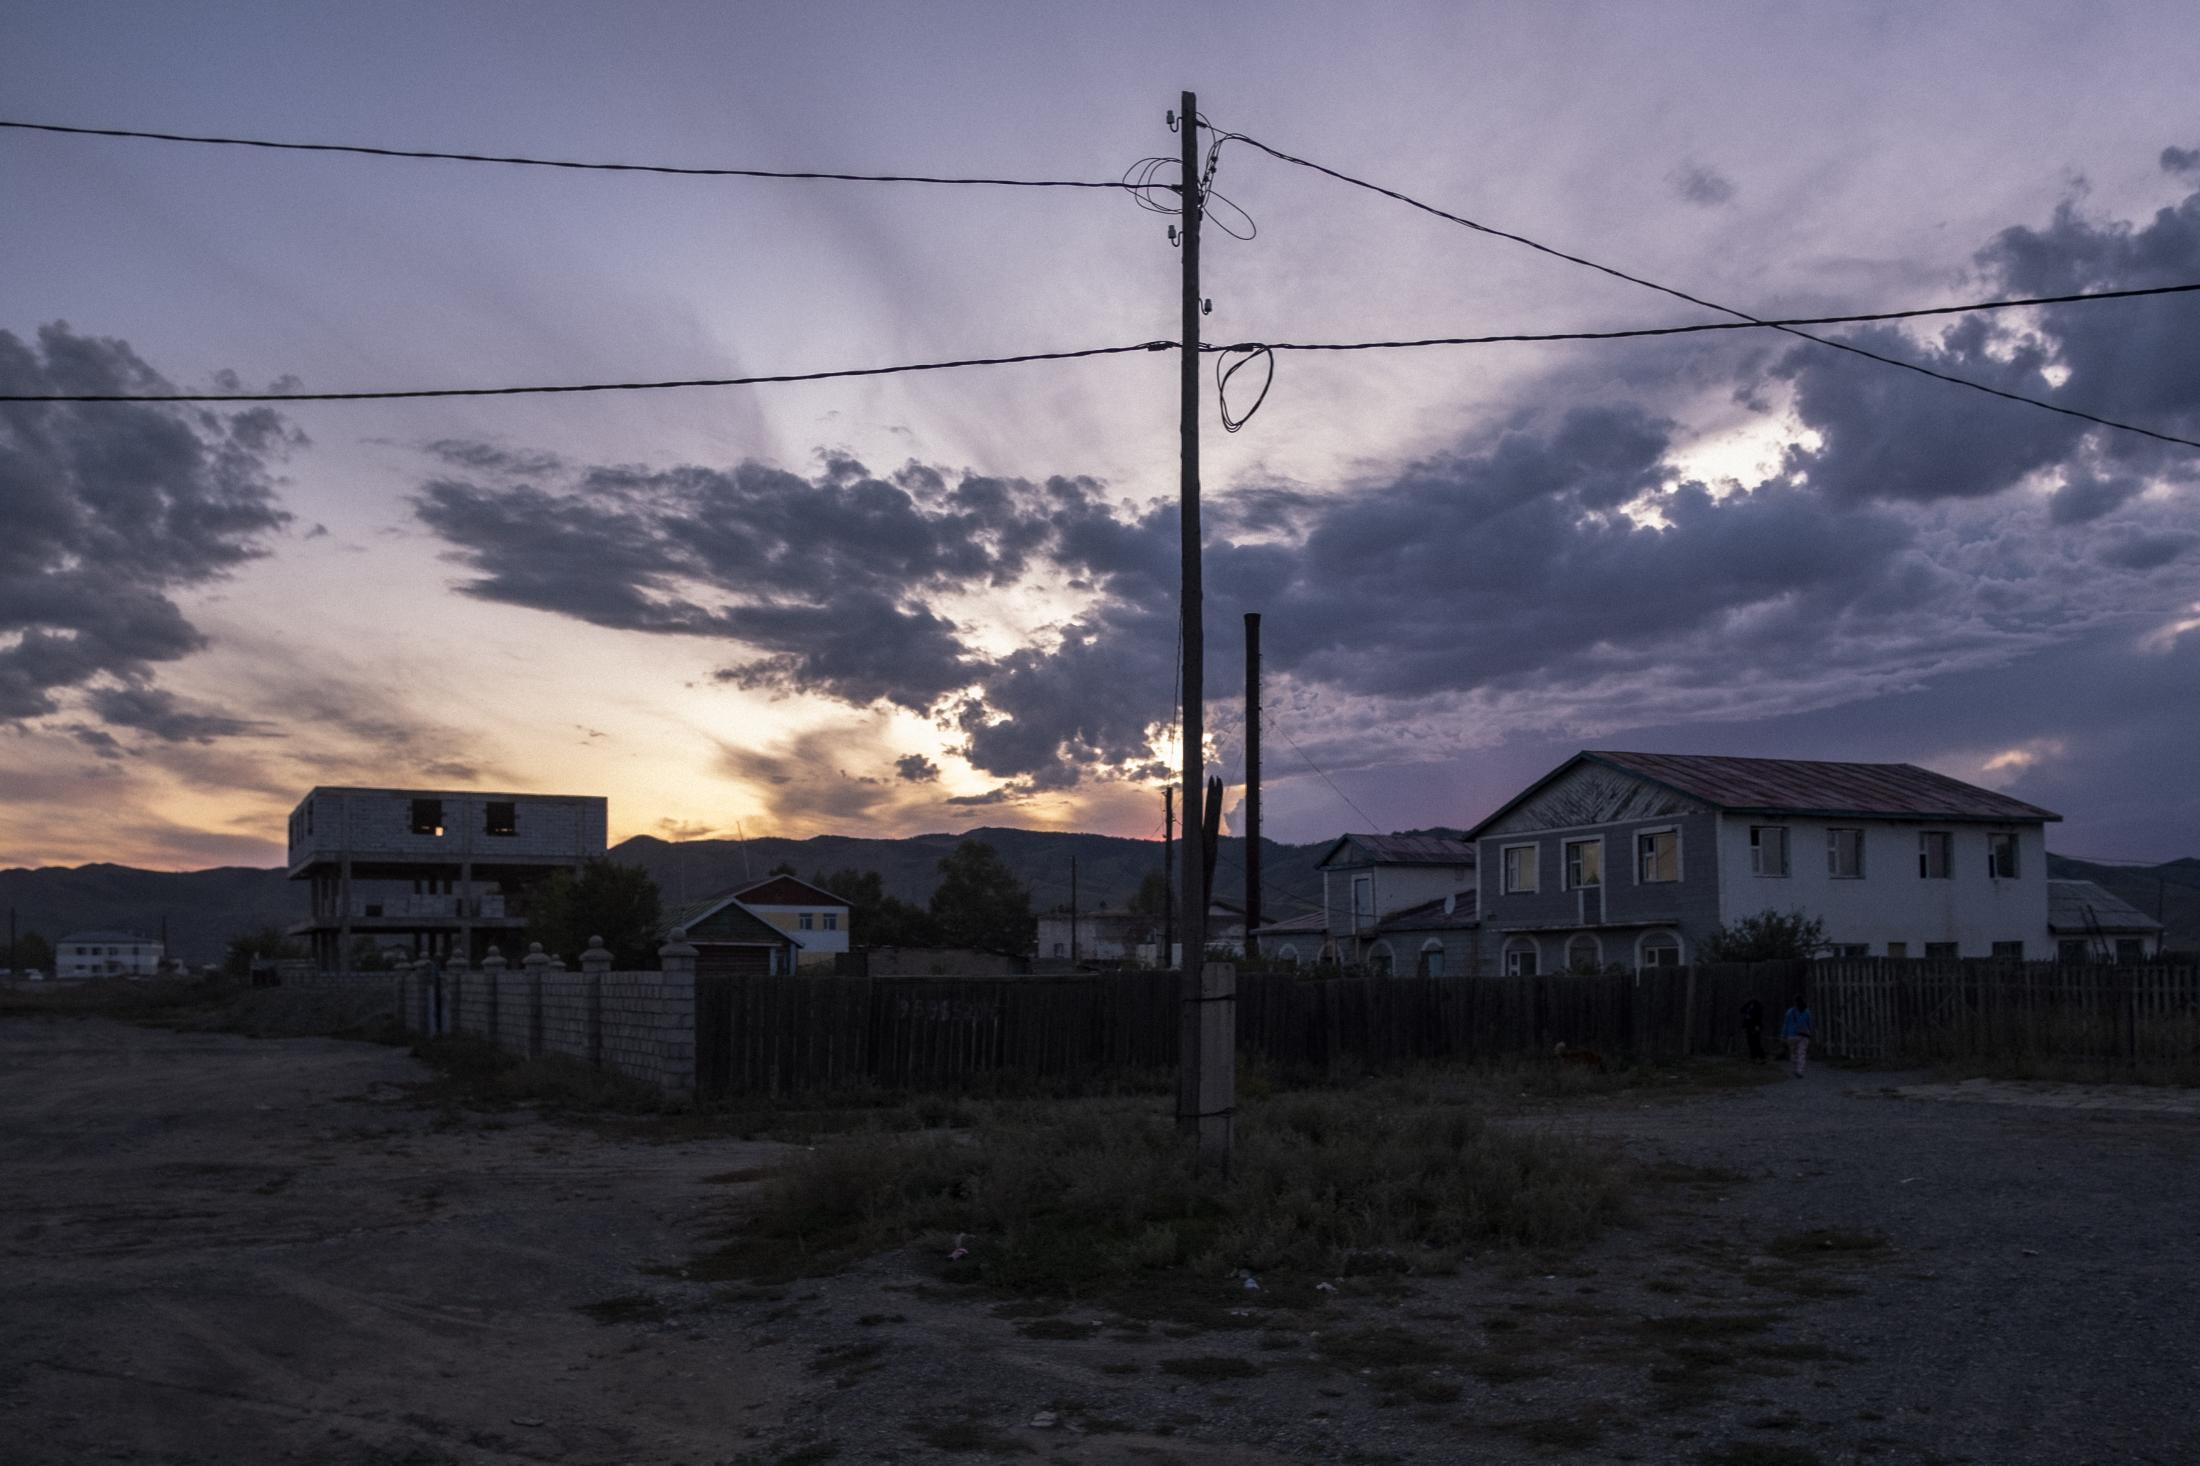 Tramonto in una piccola cittadina nella regione del Gobi. (Gobi. Mongolia, 2019) ©Simone Filpa